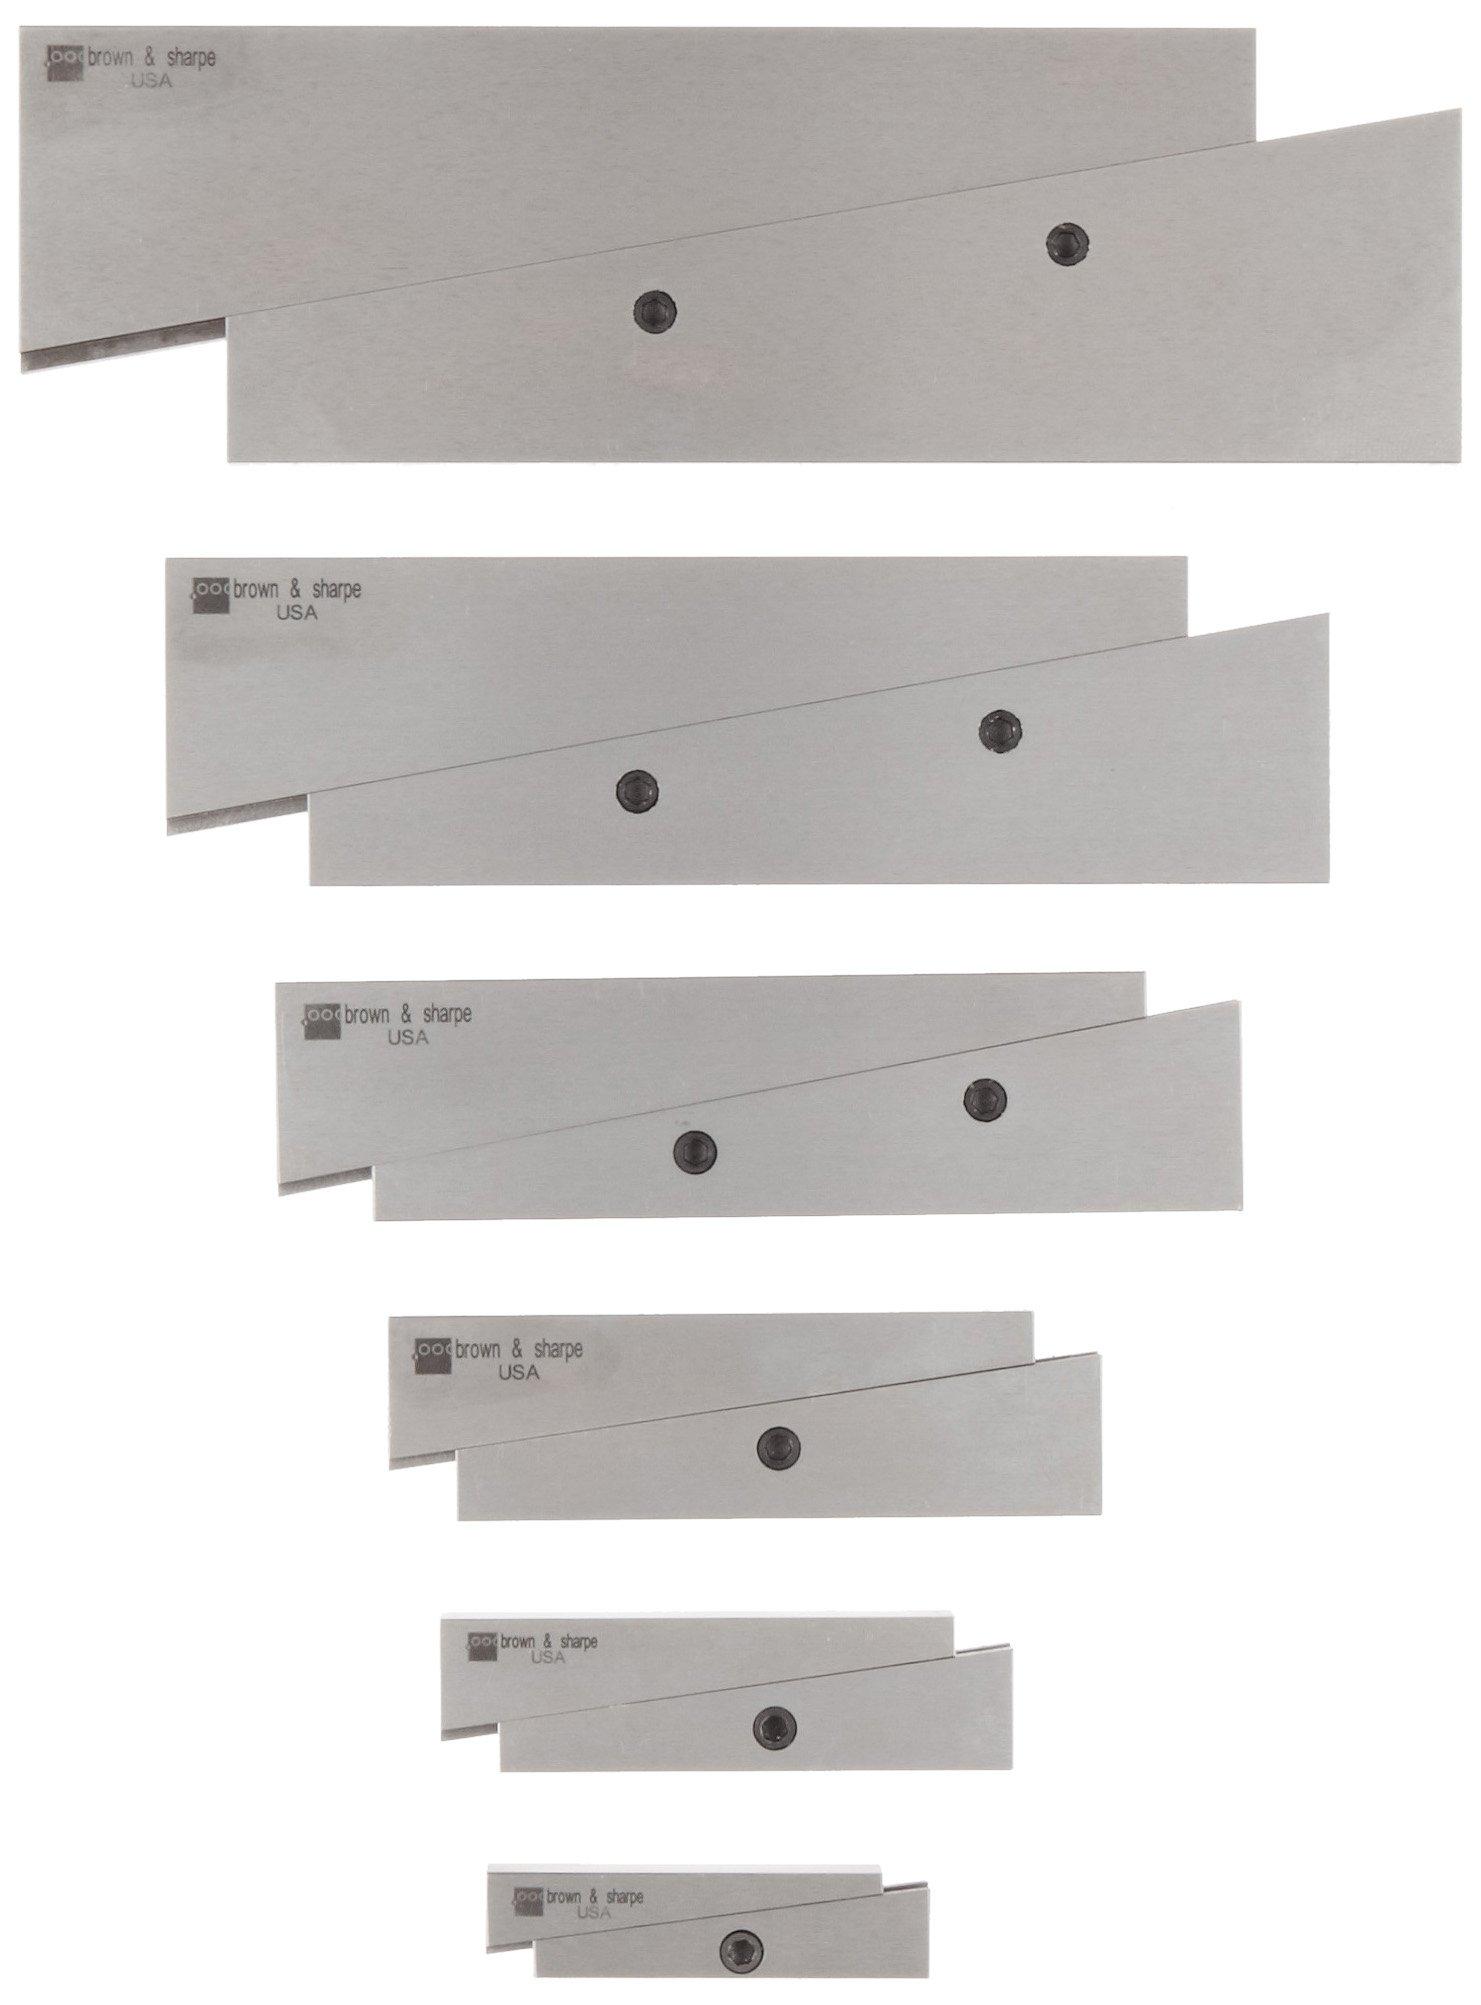 Brown & Sharpe 599-673-20 Adjustable Parallel Set